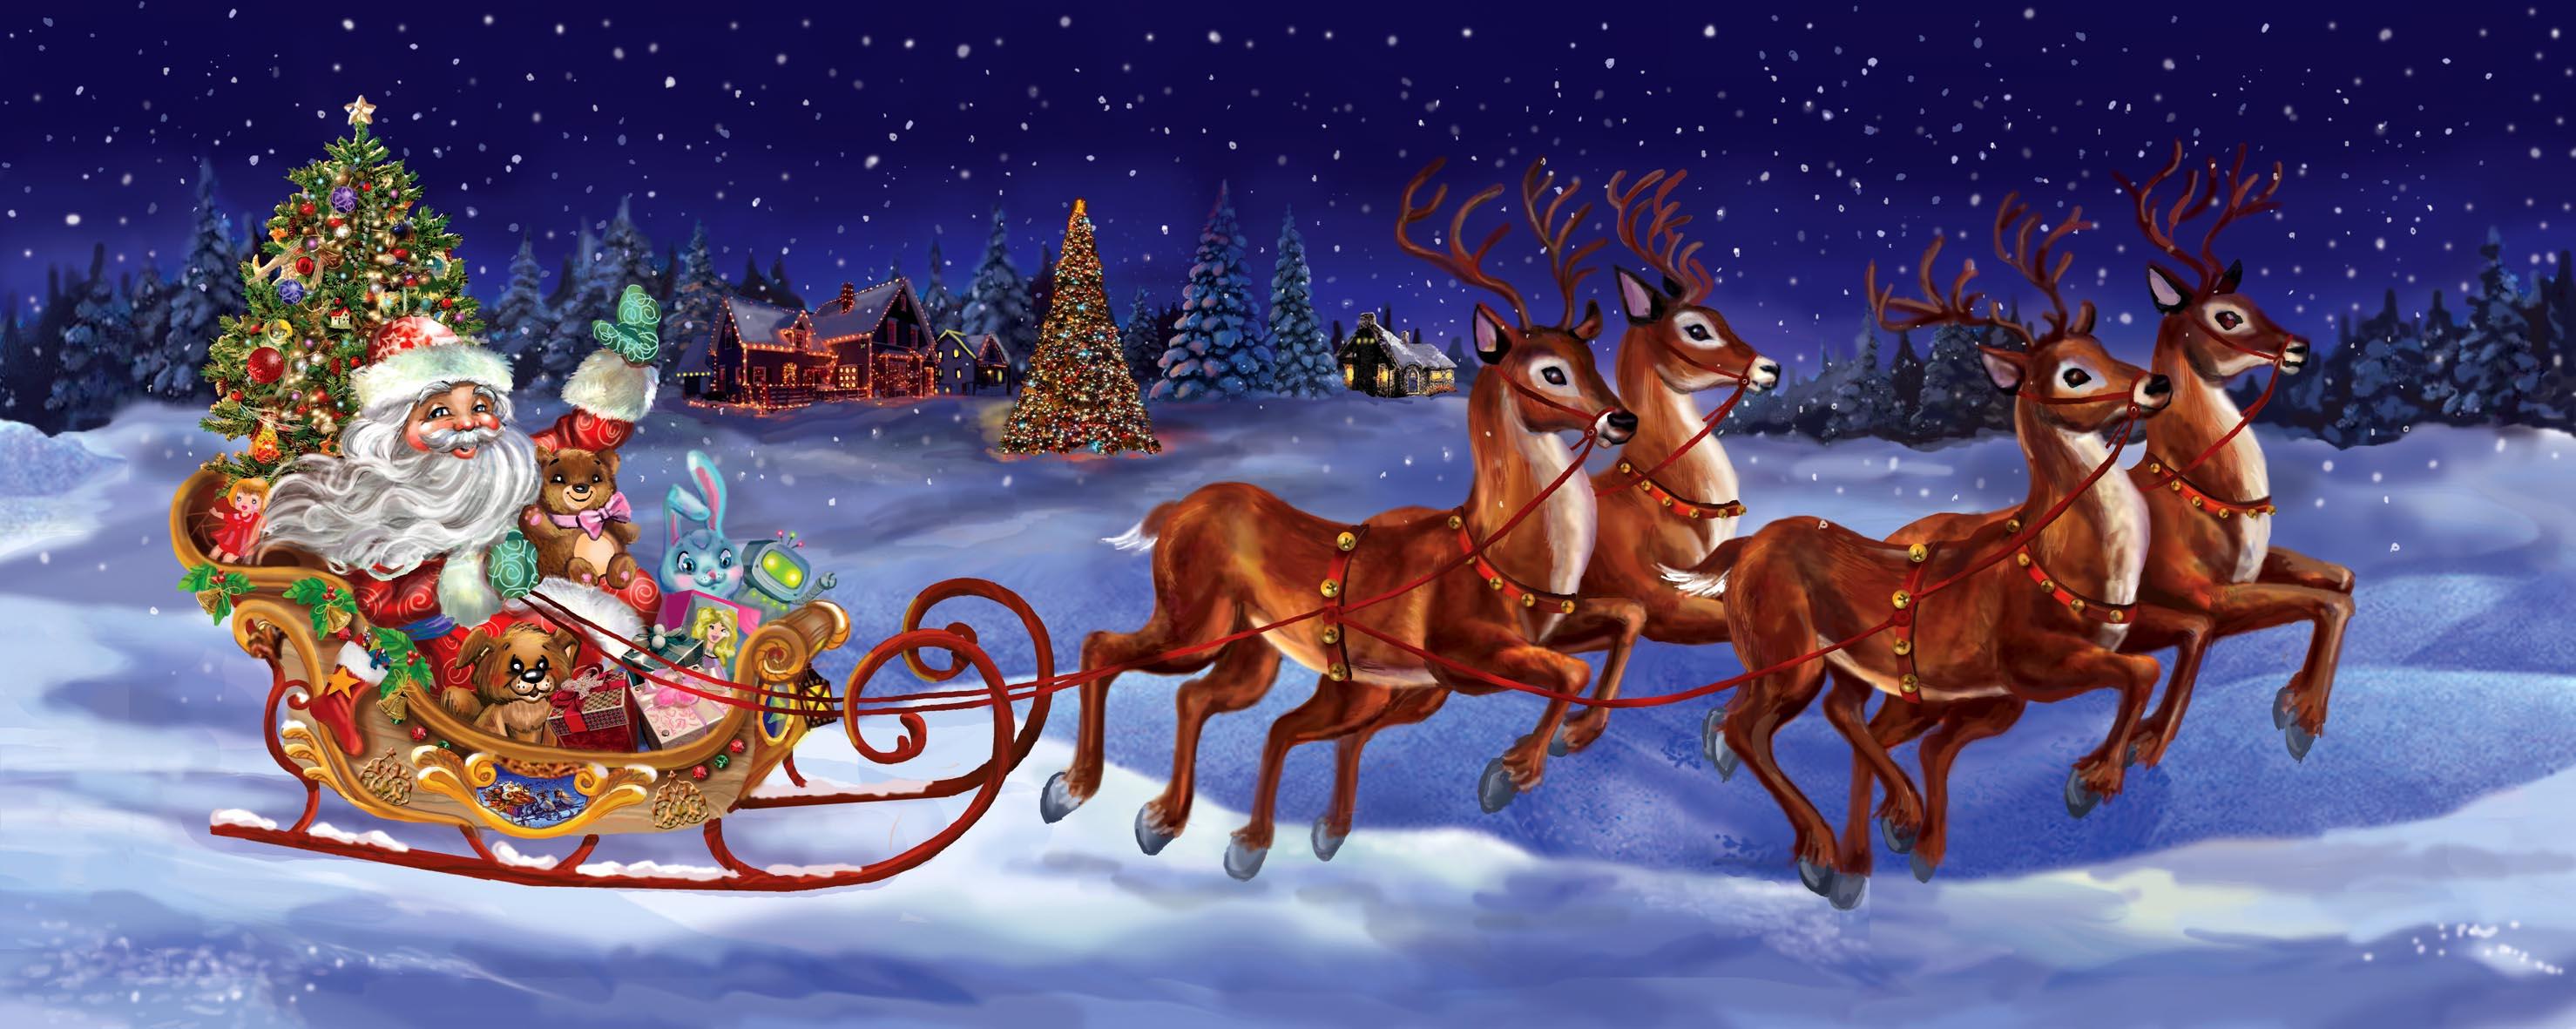 новогодние картинки с дедом морозом на санях и с елкой красивые идет линейка